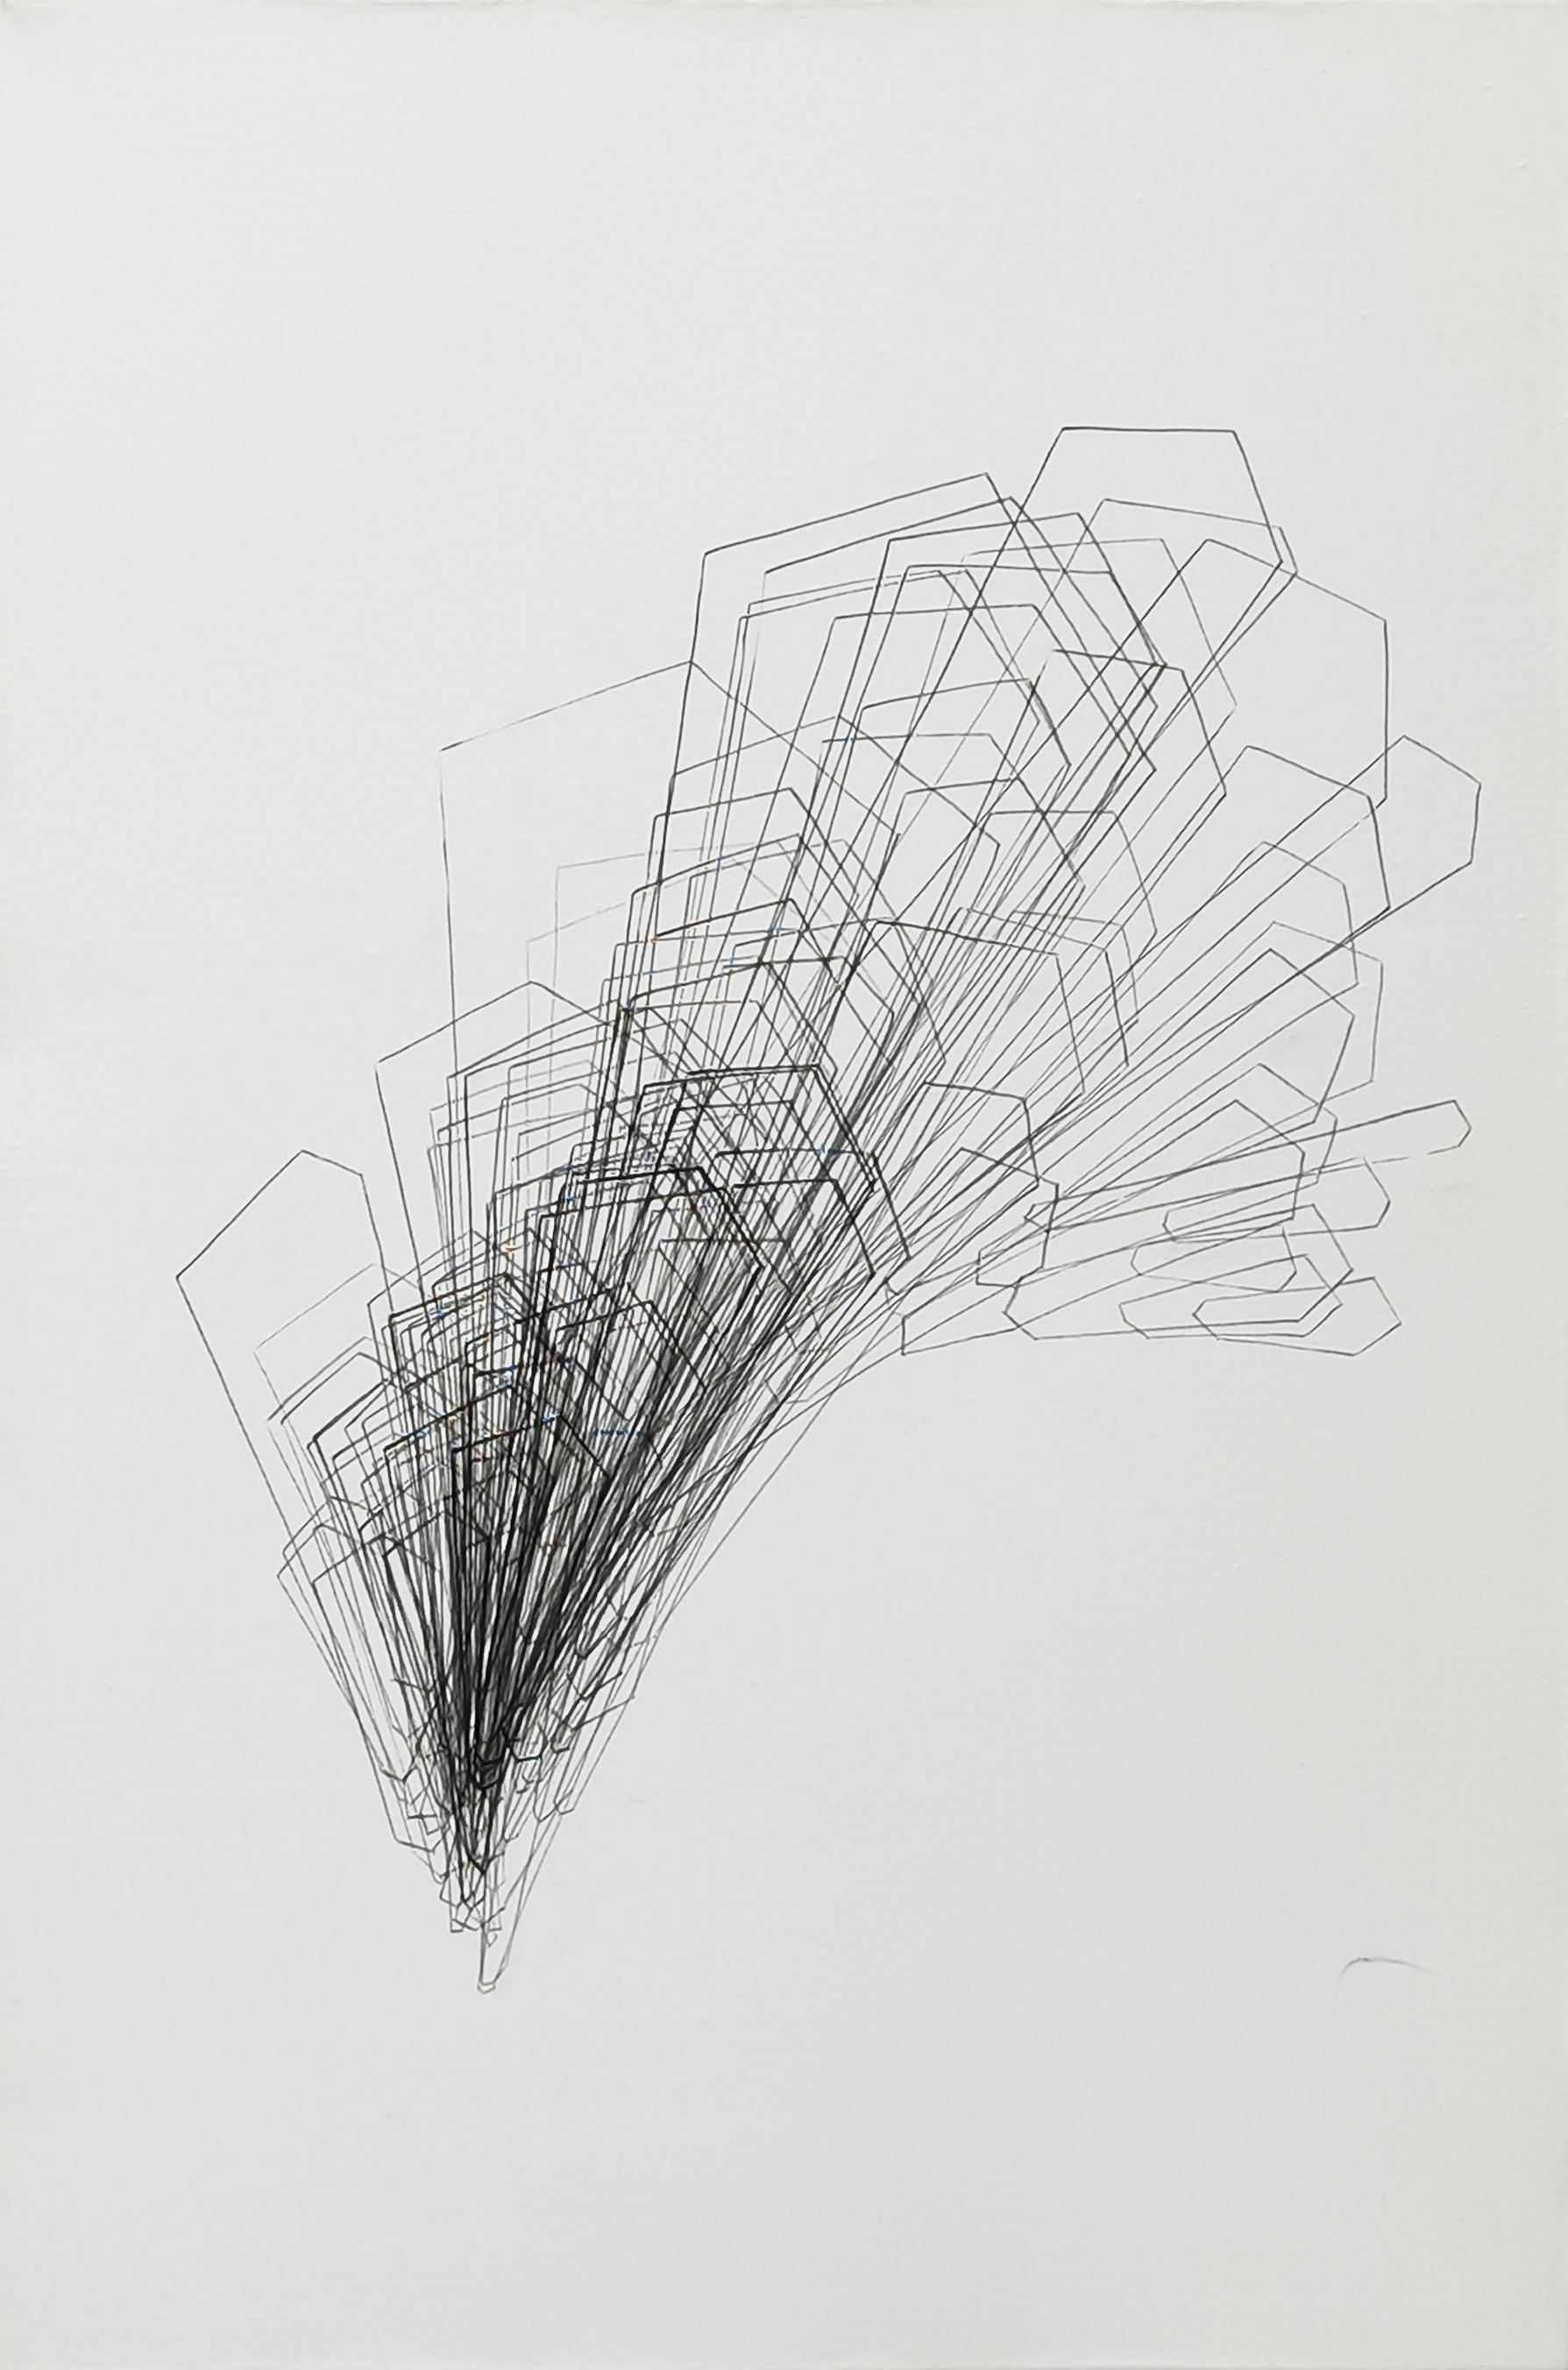 Bez tytułu II, 2011